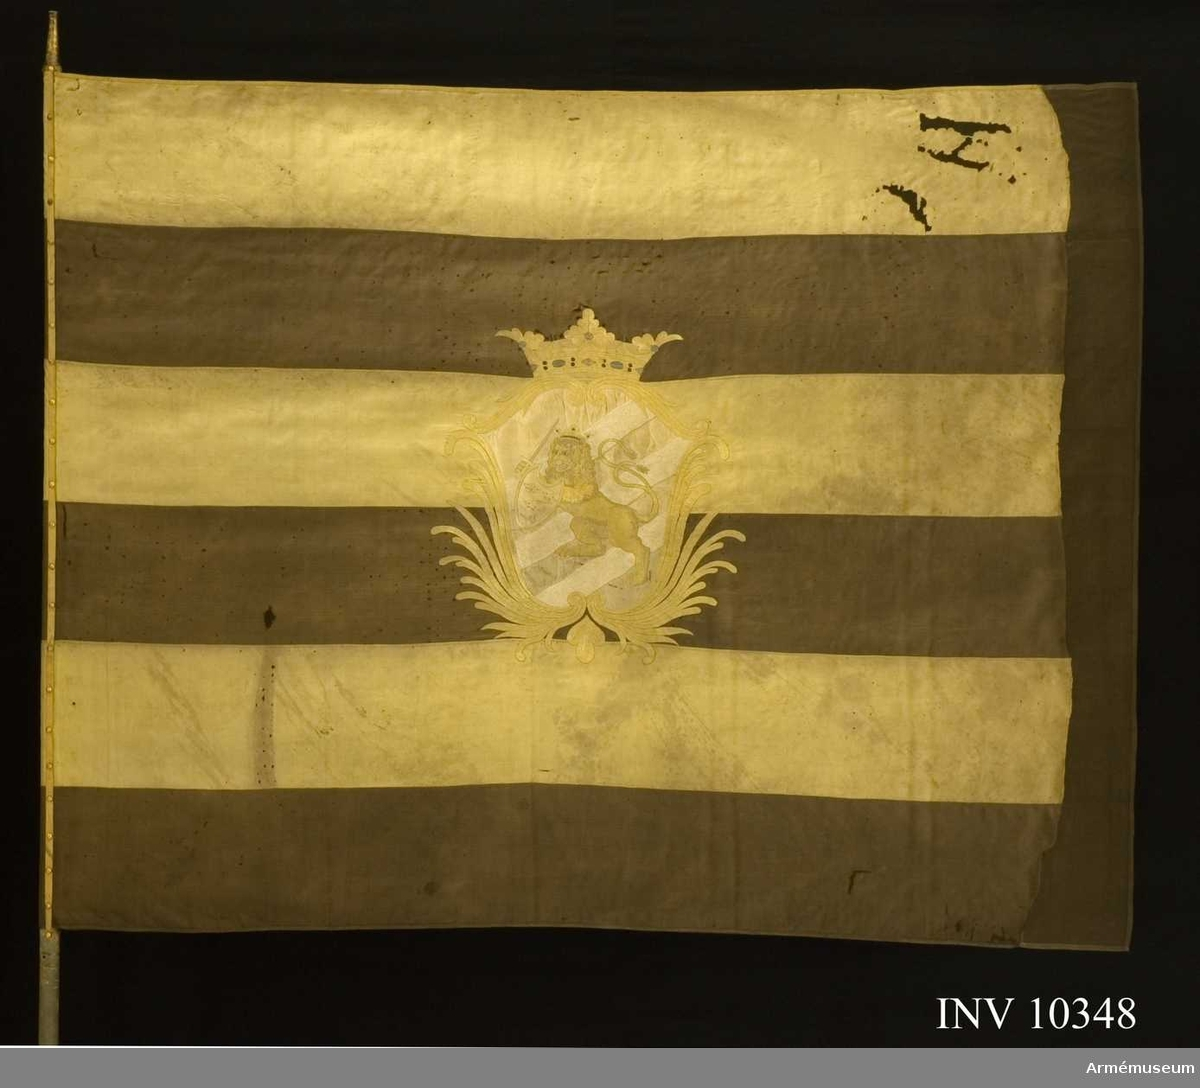 """Grupp B I.  Duk av sidenkypert, fem gånger delad gul och svart, i mitten broderat Göteborgs vapen; 1812-1819. På blått fält tre vita strömmar snett från vänster varöver ett framåtvänt krönt lejon i gult silke förande ett svärd och en sköld vari """"tre kronor"""" på blått fält allt i en av stiliserade palmkvistar i gult silke bildad sköld, krönt med öppen krona i gult silke med rött foder samt pärlor i silver, kantad med gult sidenband, fäst med liknande sidenband och förgyllda spikar. Spets saknas."""